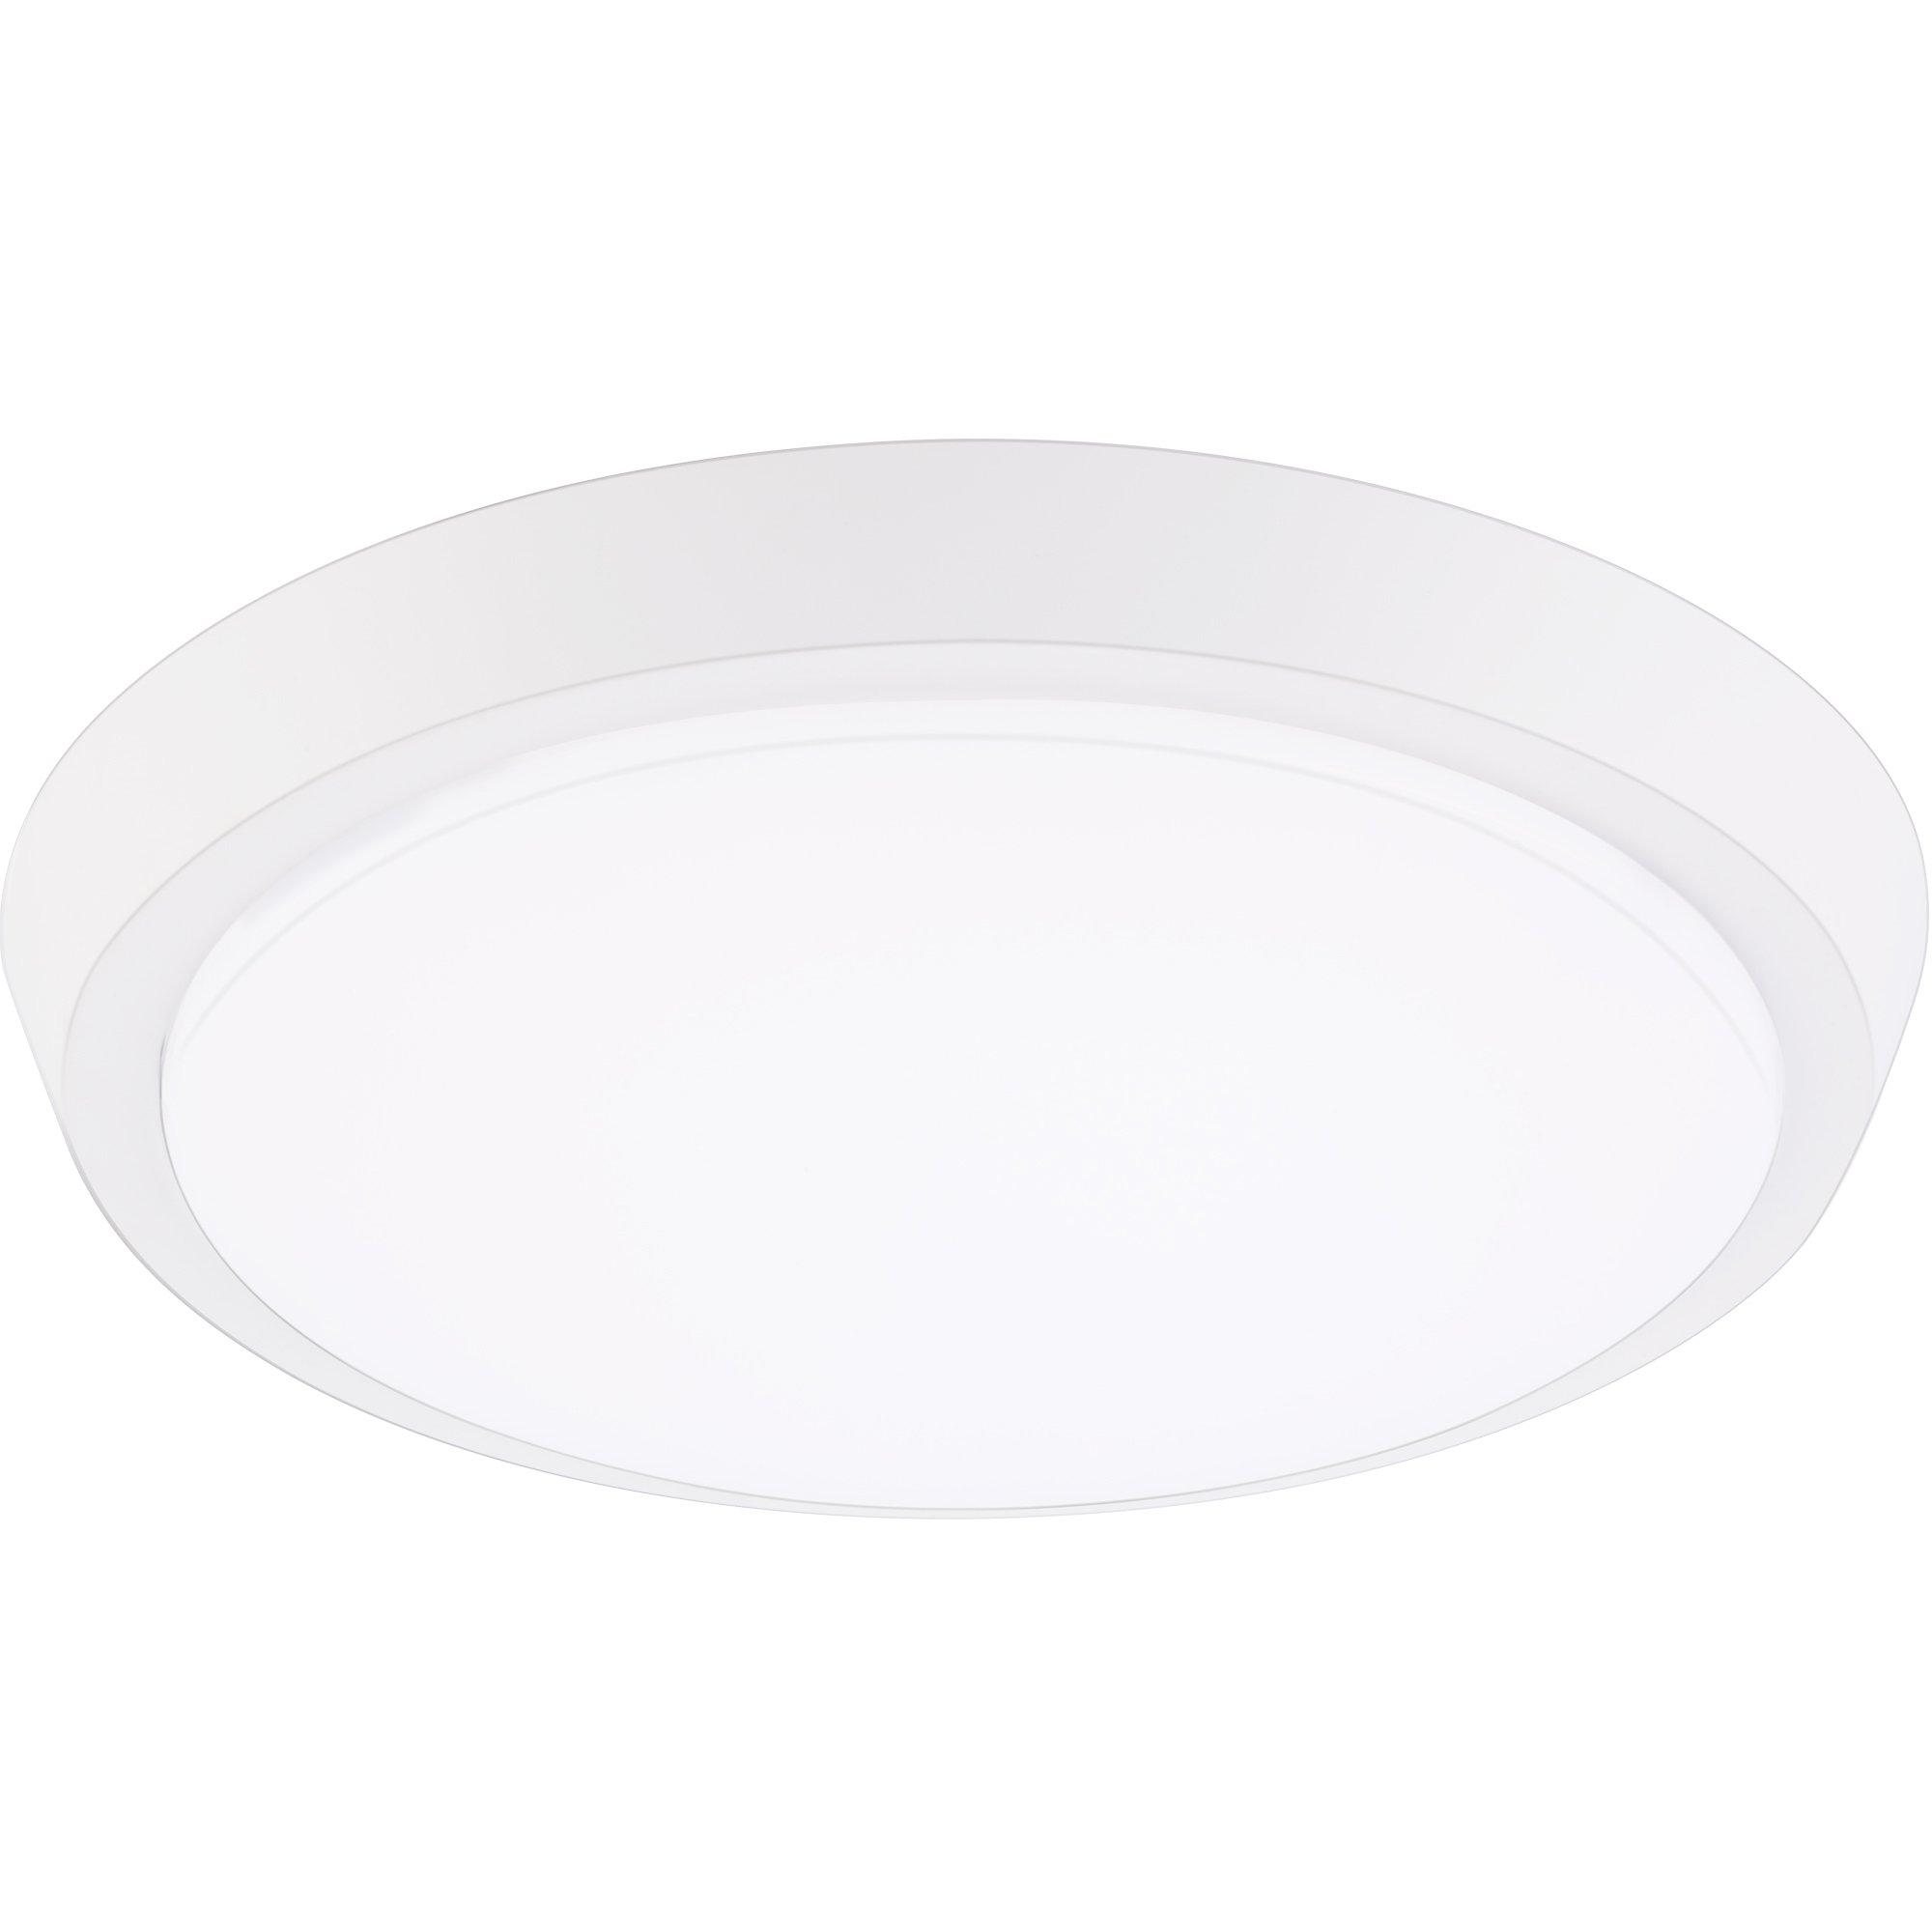 GetInLight 9 Inch Flush Mount LED Ceiling Light